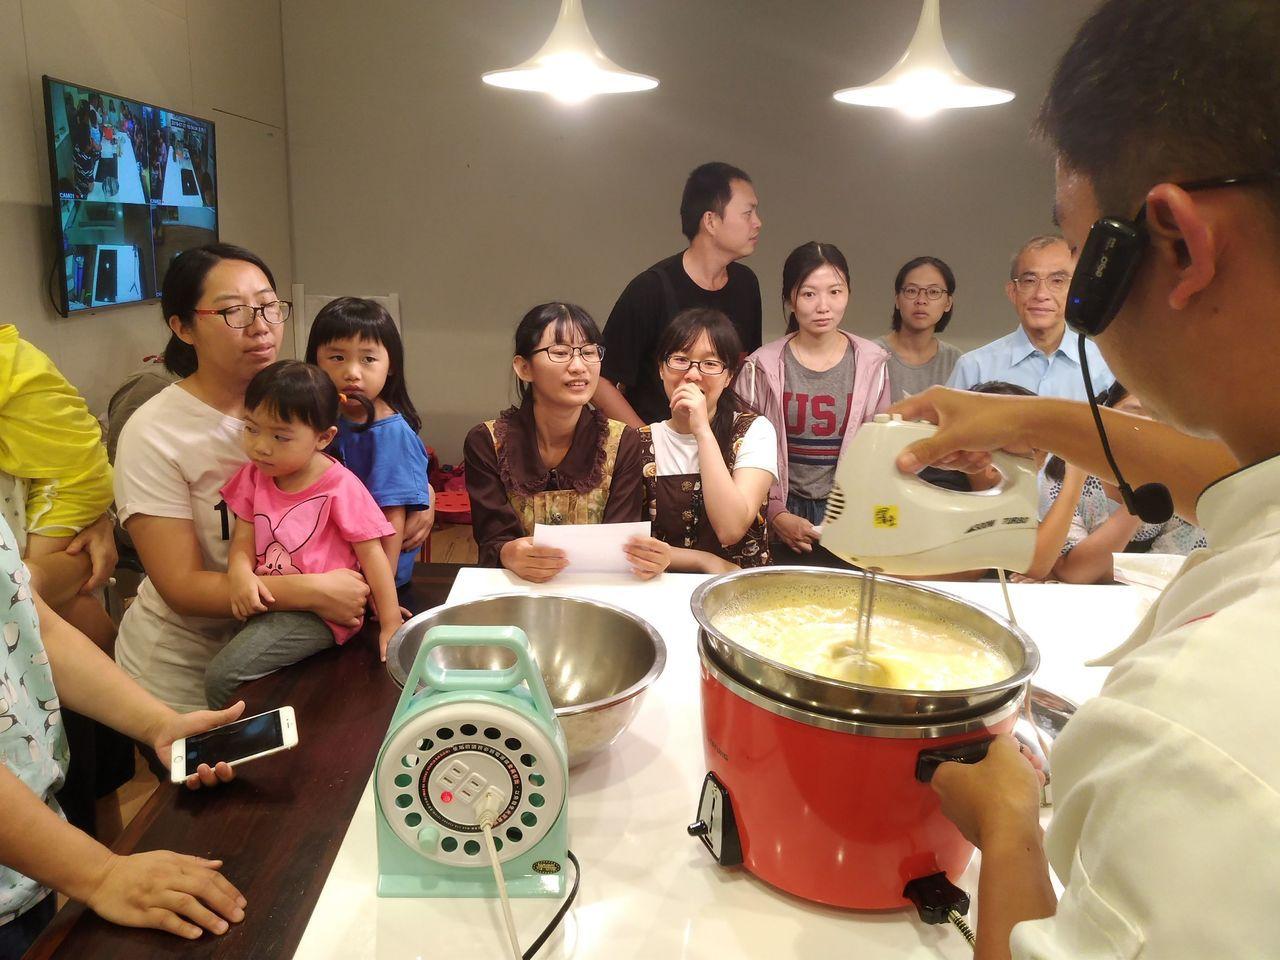 高雄市農業局推動的一日農夫創客學堂系列課程,邀親子一起做甜點。圖/高雄市農業局提...